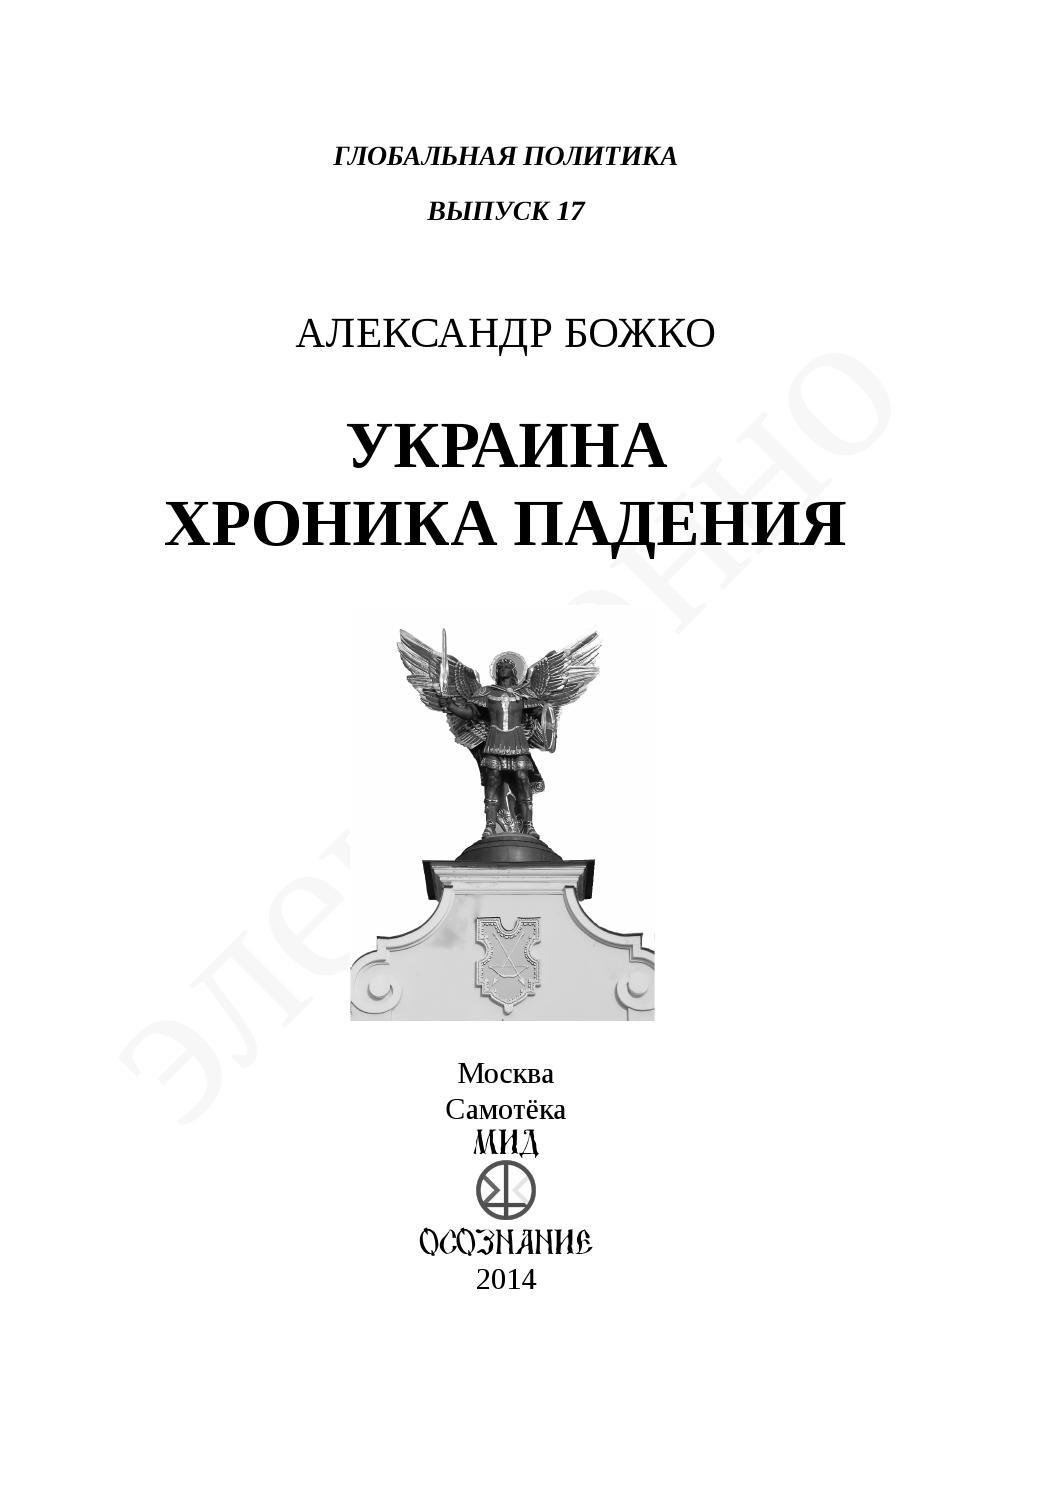 Депутат а крутов выступающий против гомосексуалистов